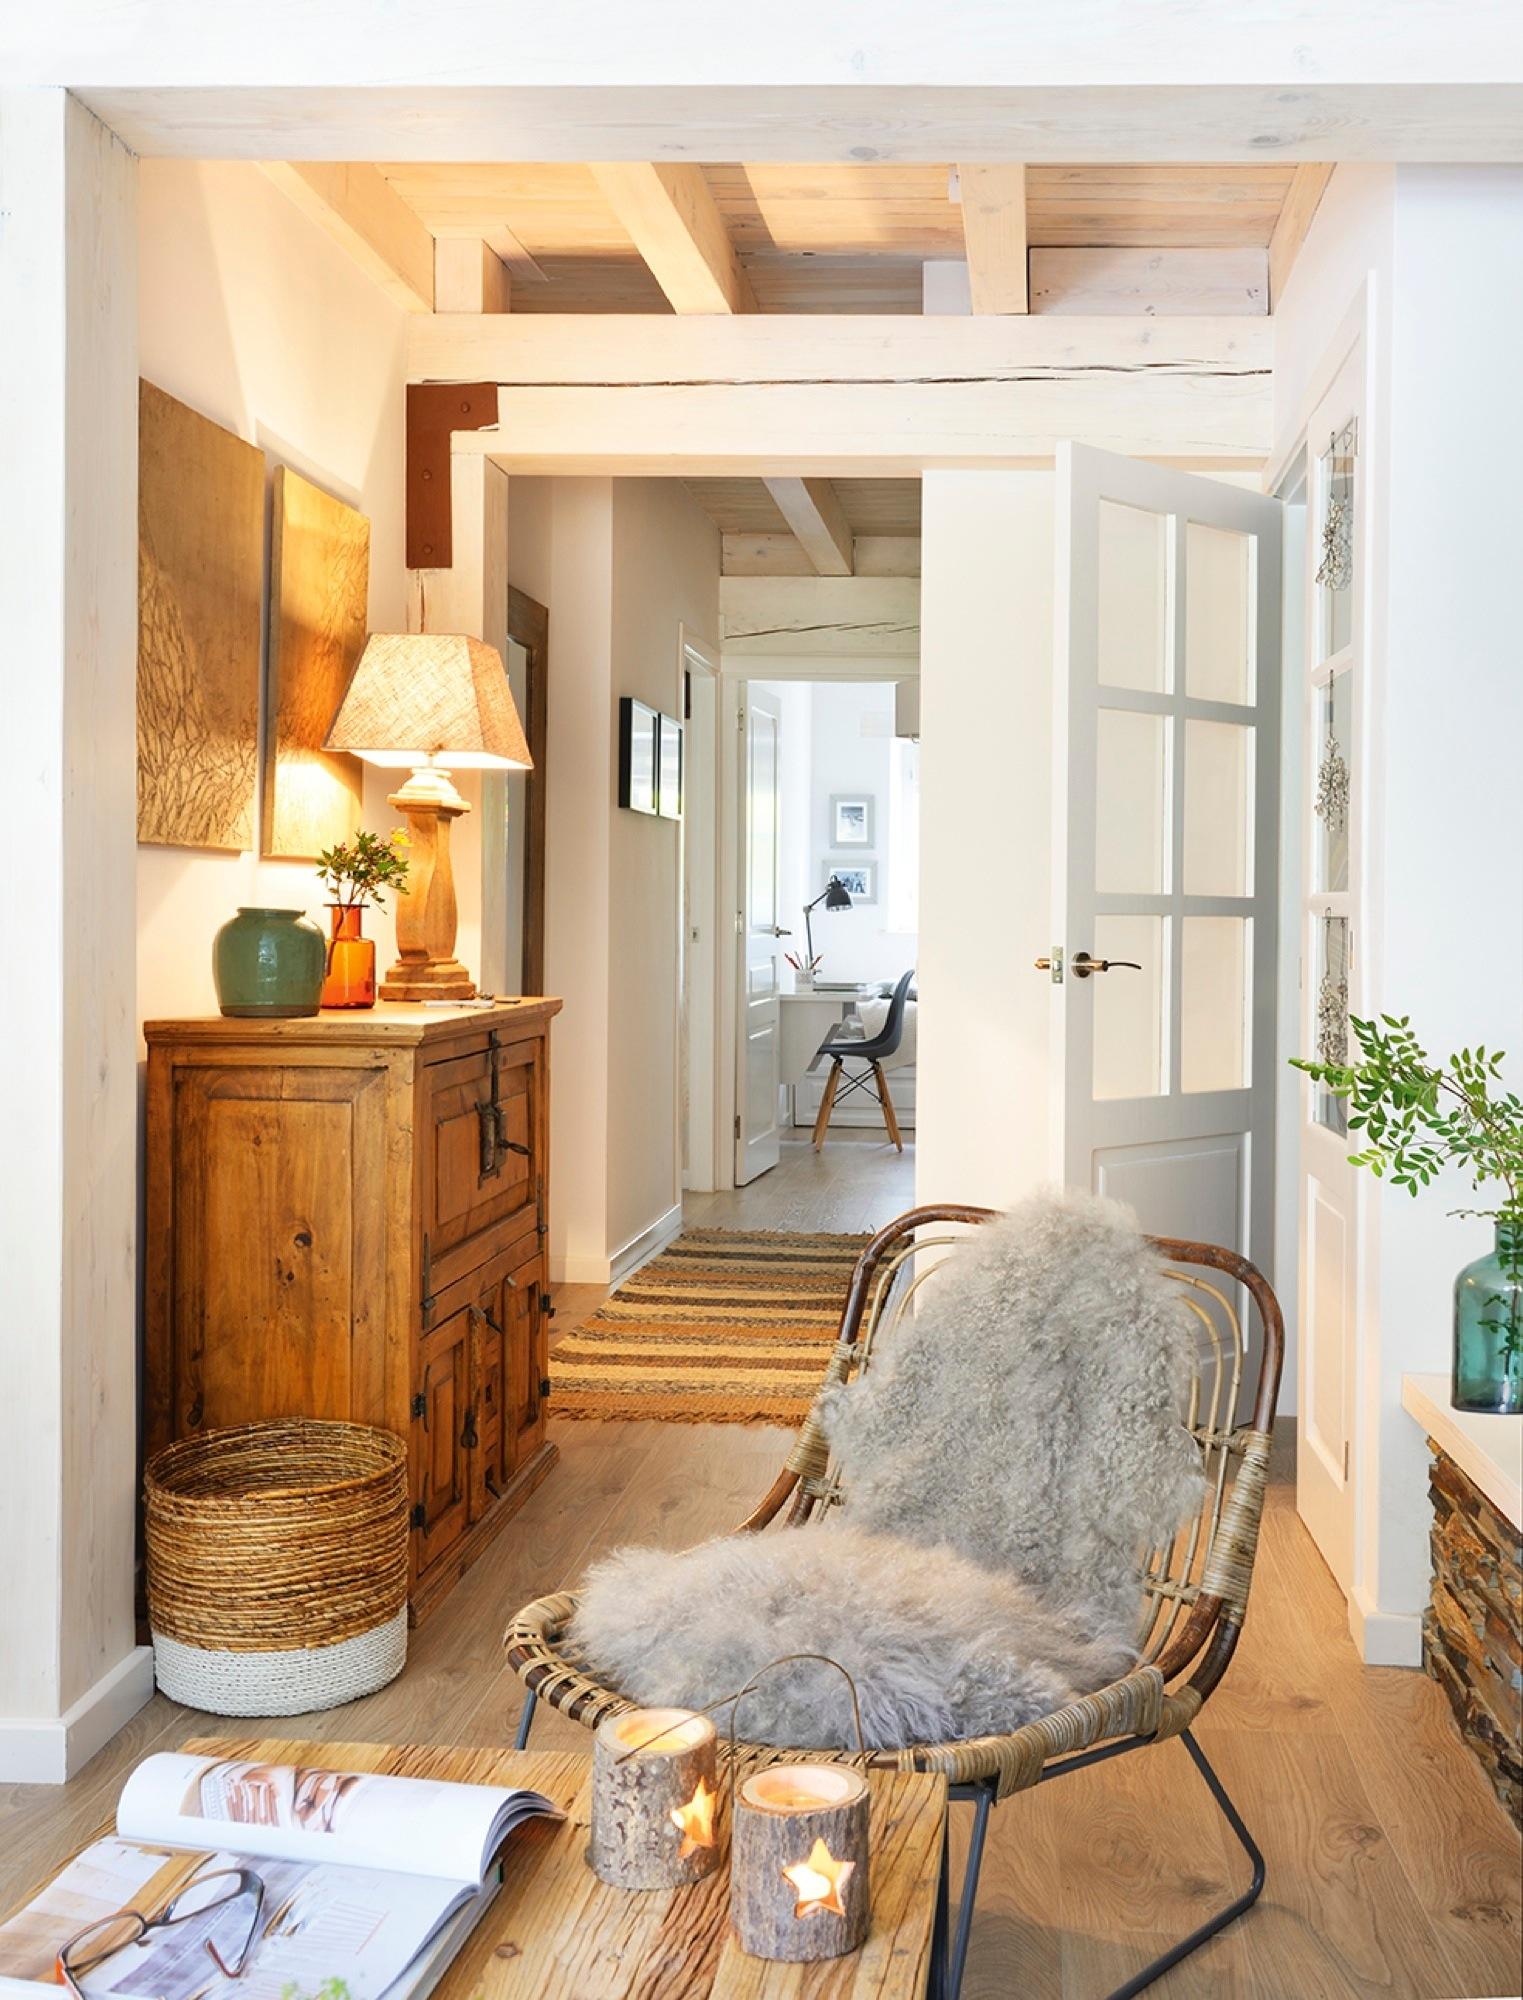 Recibidores los mejores 50 de el mueble - El mueble decoracion ...